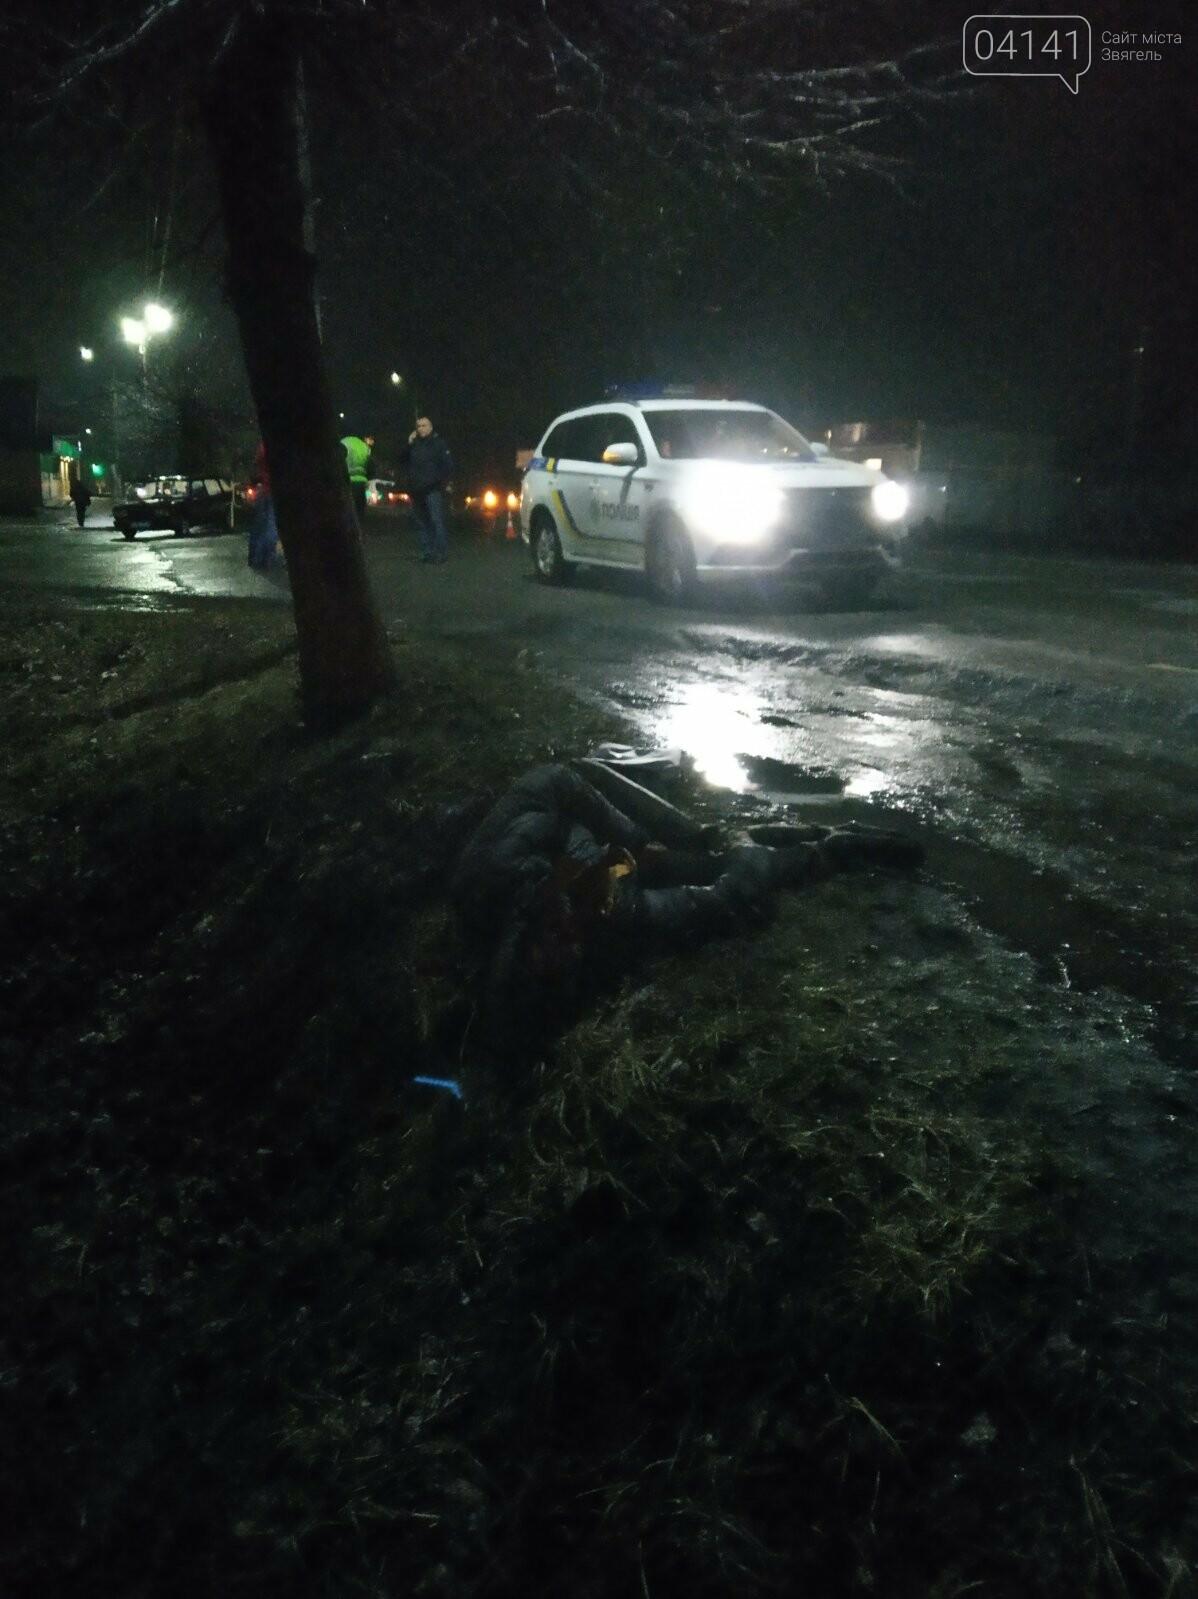 У Новограді водій збив насмерть хлопця та втік з місця пригоди (ФОТО, ВІДЕО з місця ДТП), фото-4